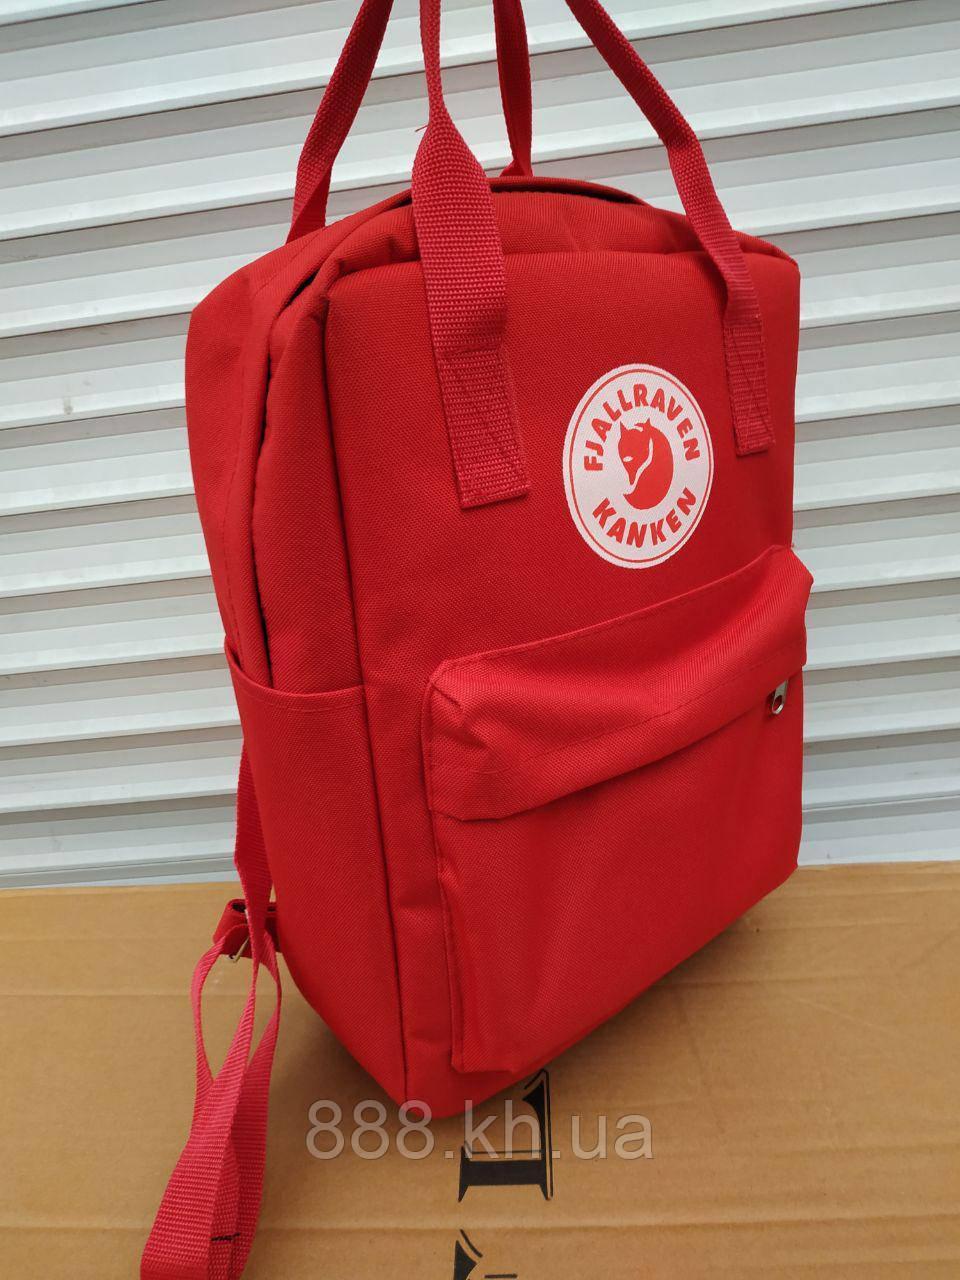 Стильный рюкзак, сумка Fjallraven Kanken, для прогулок и спорта